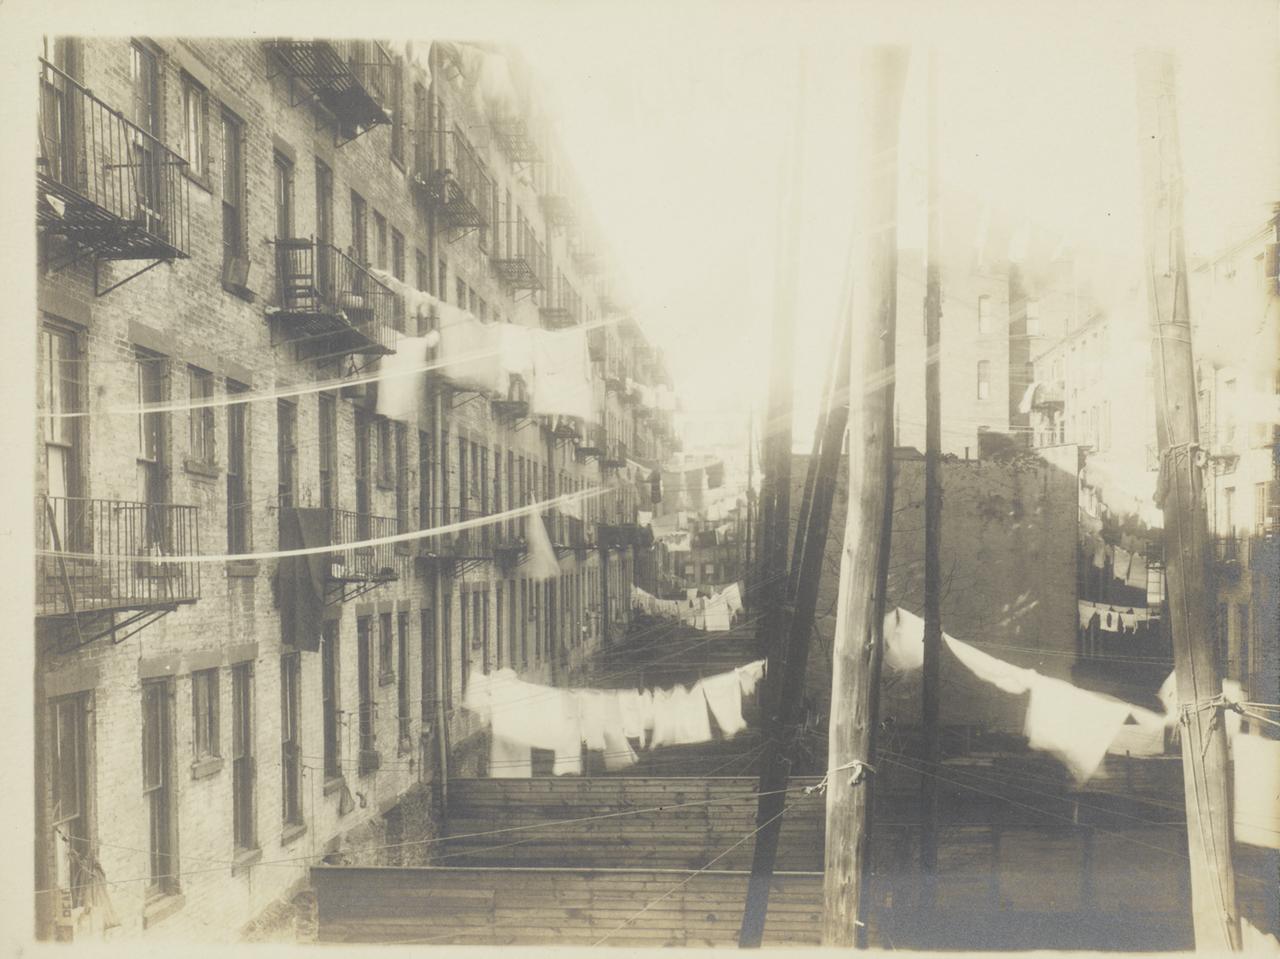 Бельевые веревки над деревянными заборами. 1917